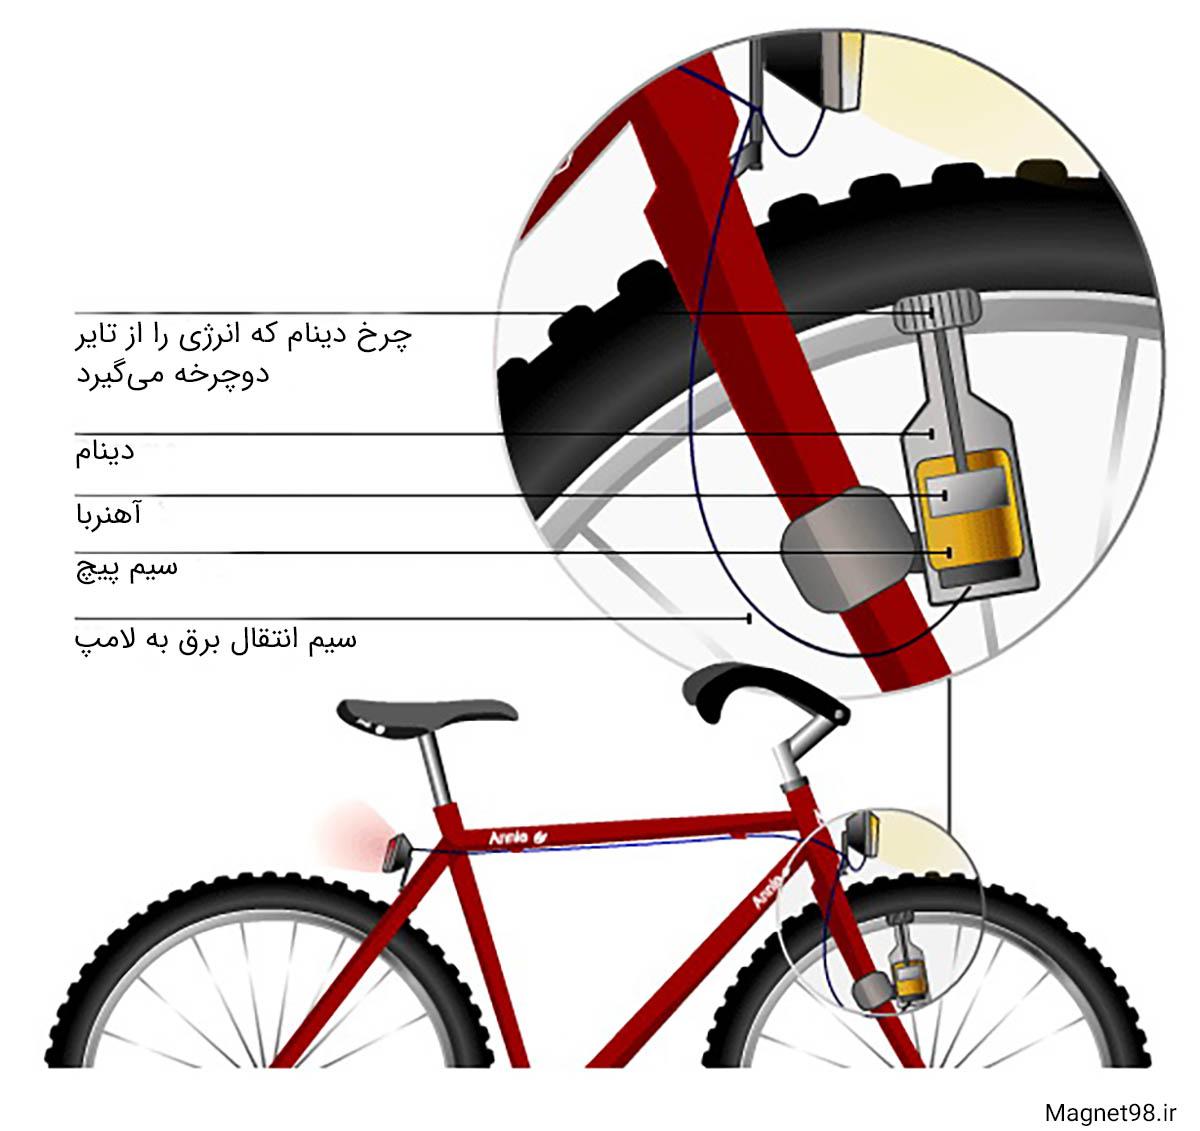 دینام دوچرخه و بخش های مختلف آن